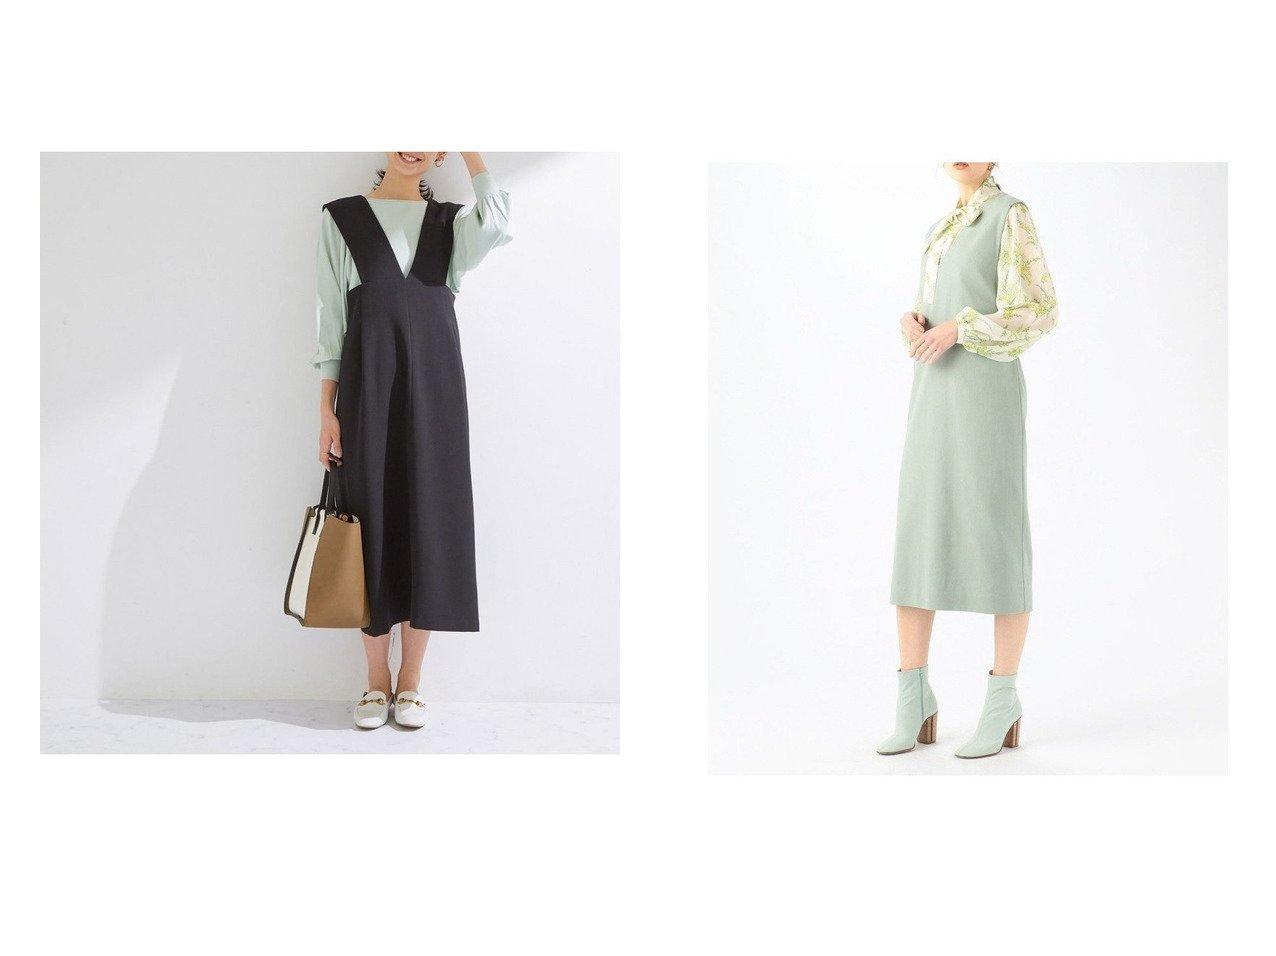 【TOMORROWLAND BALLSEY/トゥモローランド ボールジー】のドライオックス Vネックジャンパースカート&【ROPE/ロペ】のジャンパースカート スカートのおすすめ!人気、トレンド・レディースファッションの通販  おすすめで人気の流行・トレンド、ファッションの通販商品 メンズファッション・キッズファッション・インテリア・家具・レディースファッション・服の通販 founy(ファニー) https://founy.com/ ファッション Fashion レディースファッション WOMEN スカート Skirt インナー クラシカル シューズ ジャケット セットアップ バランス リネン 2021年 2021 S/S 春夏 SS Spring/Summer 2021 春夏 S/S SS Spring/Summer 2021 シンプル ダブル フェミニン ポケット リブニット |ID:crp329100000015603